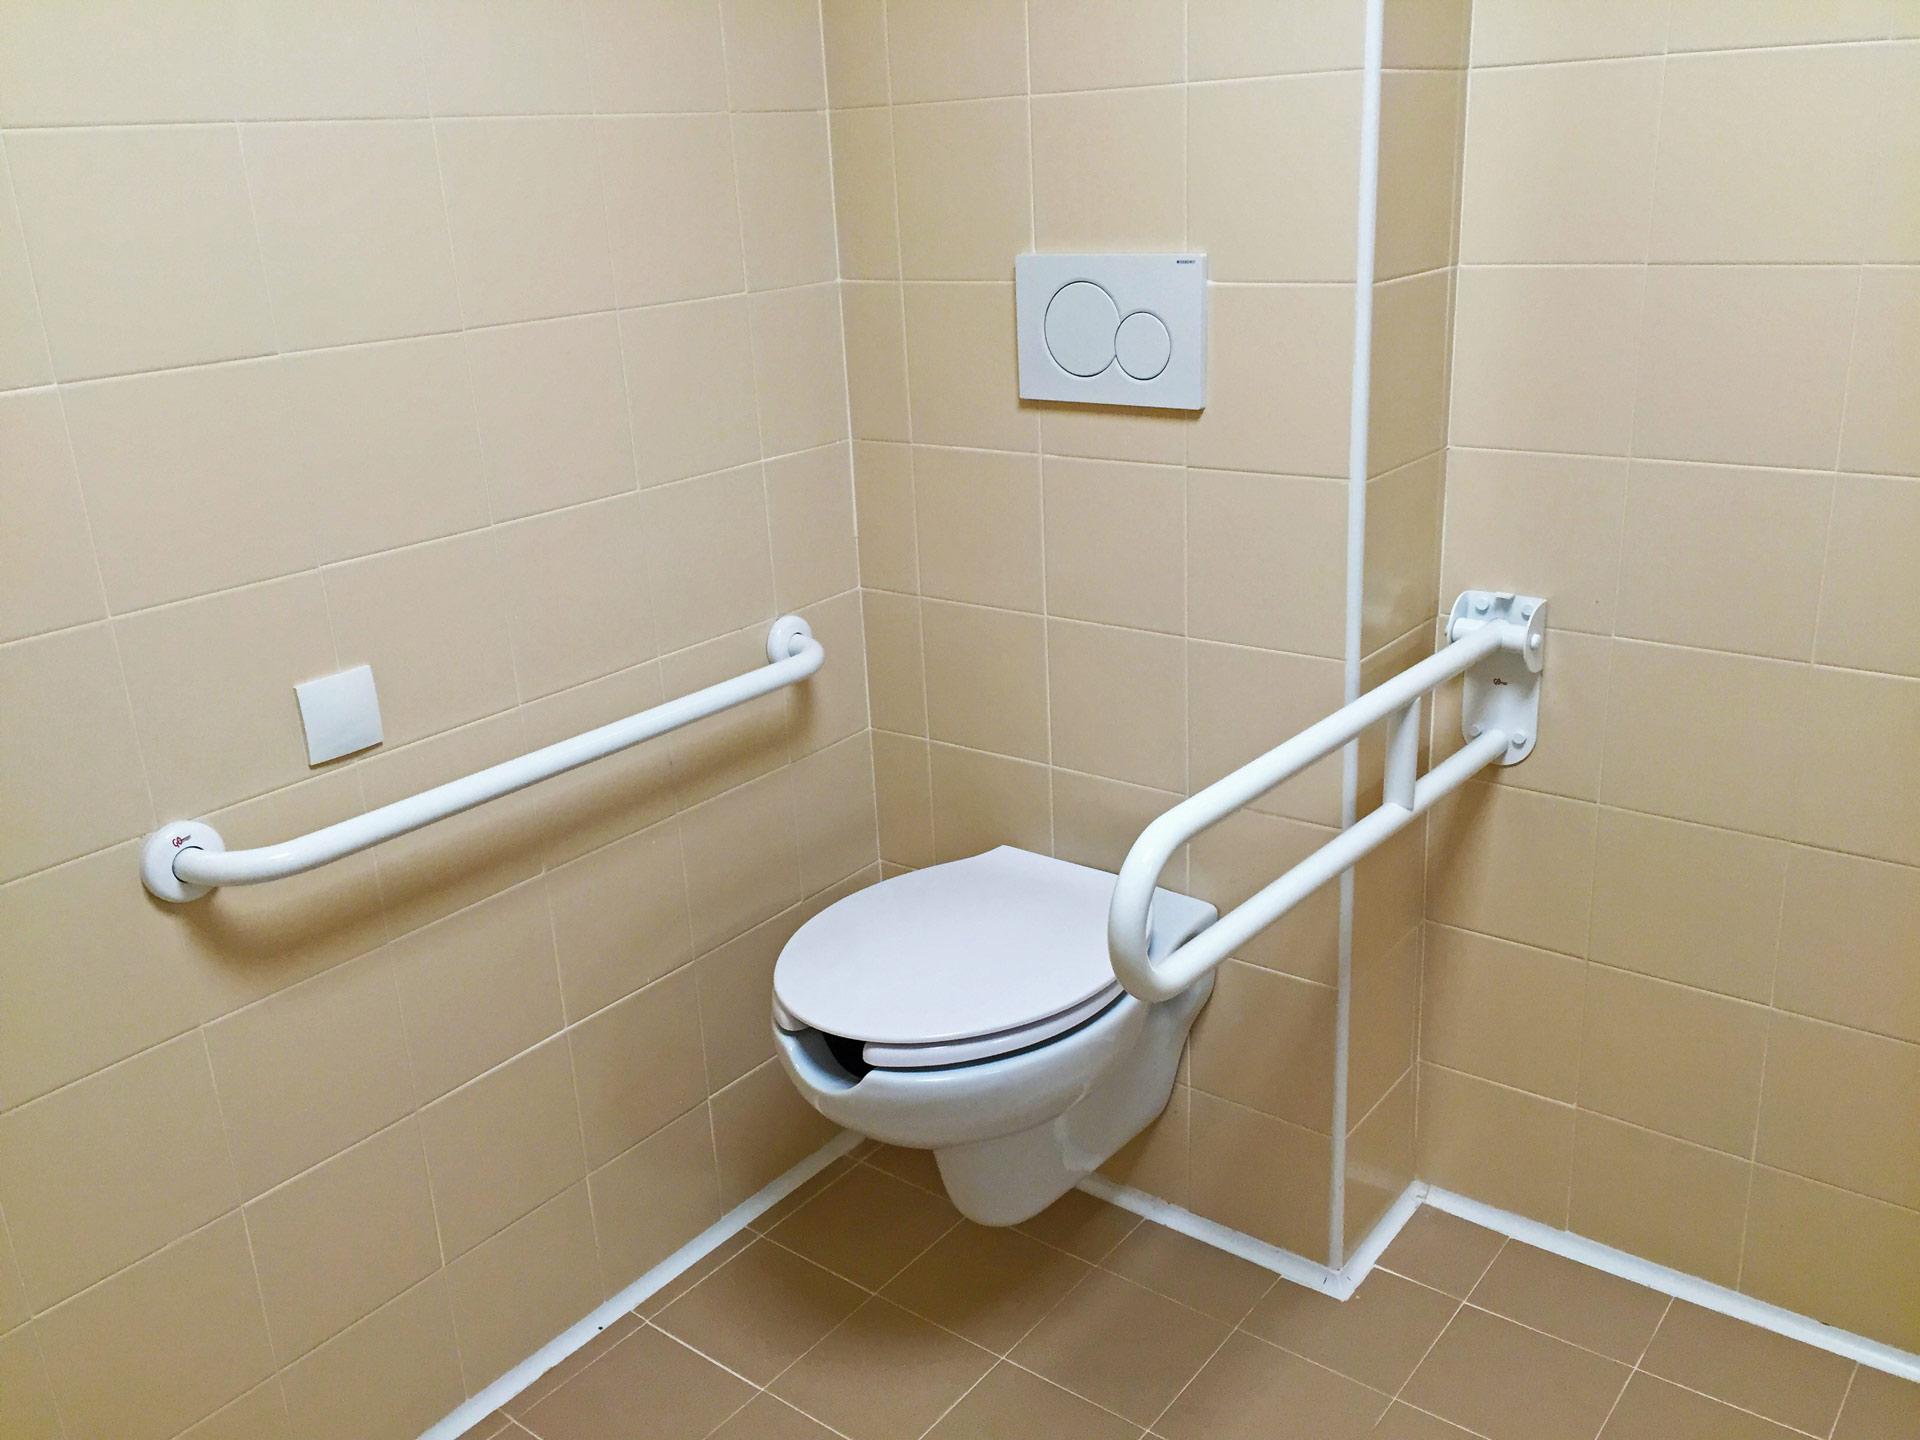 Accessori Bagno Ospedali.Bagni Disabili E Accesori Bagni Per Rsa Case Di Riposo E